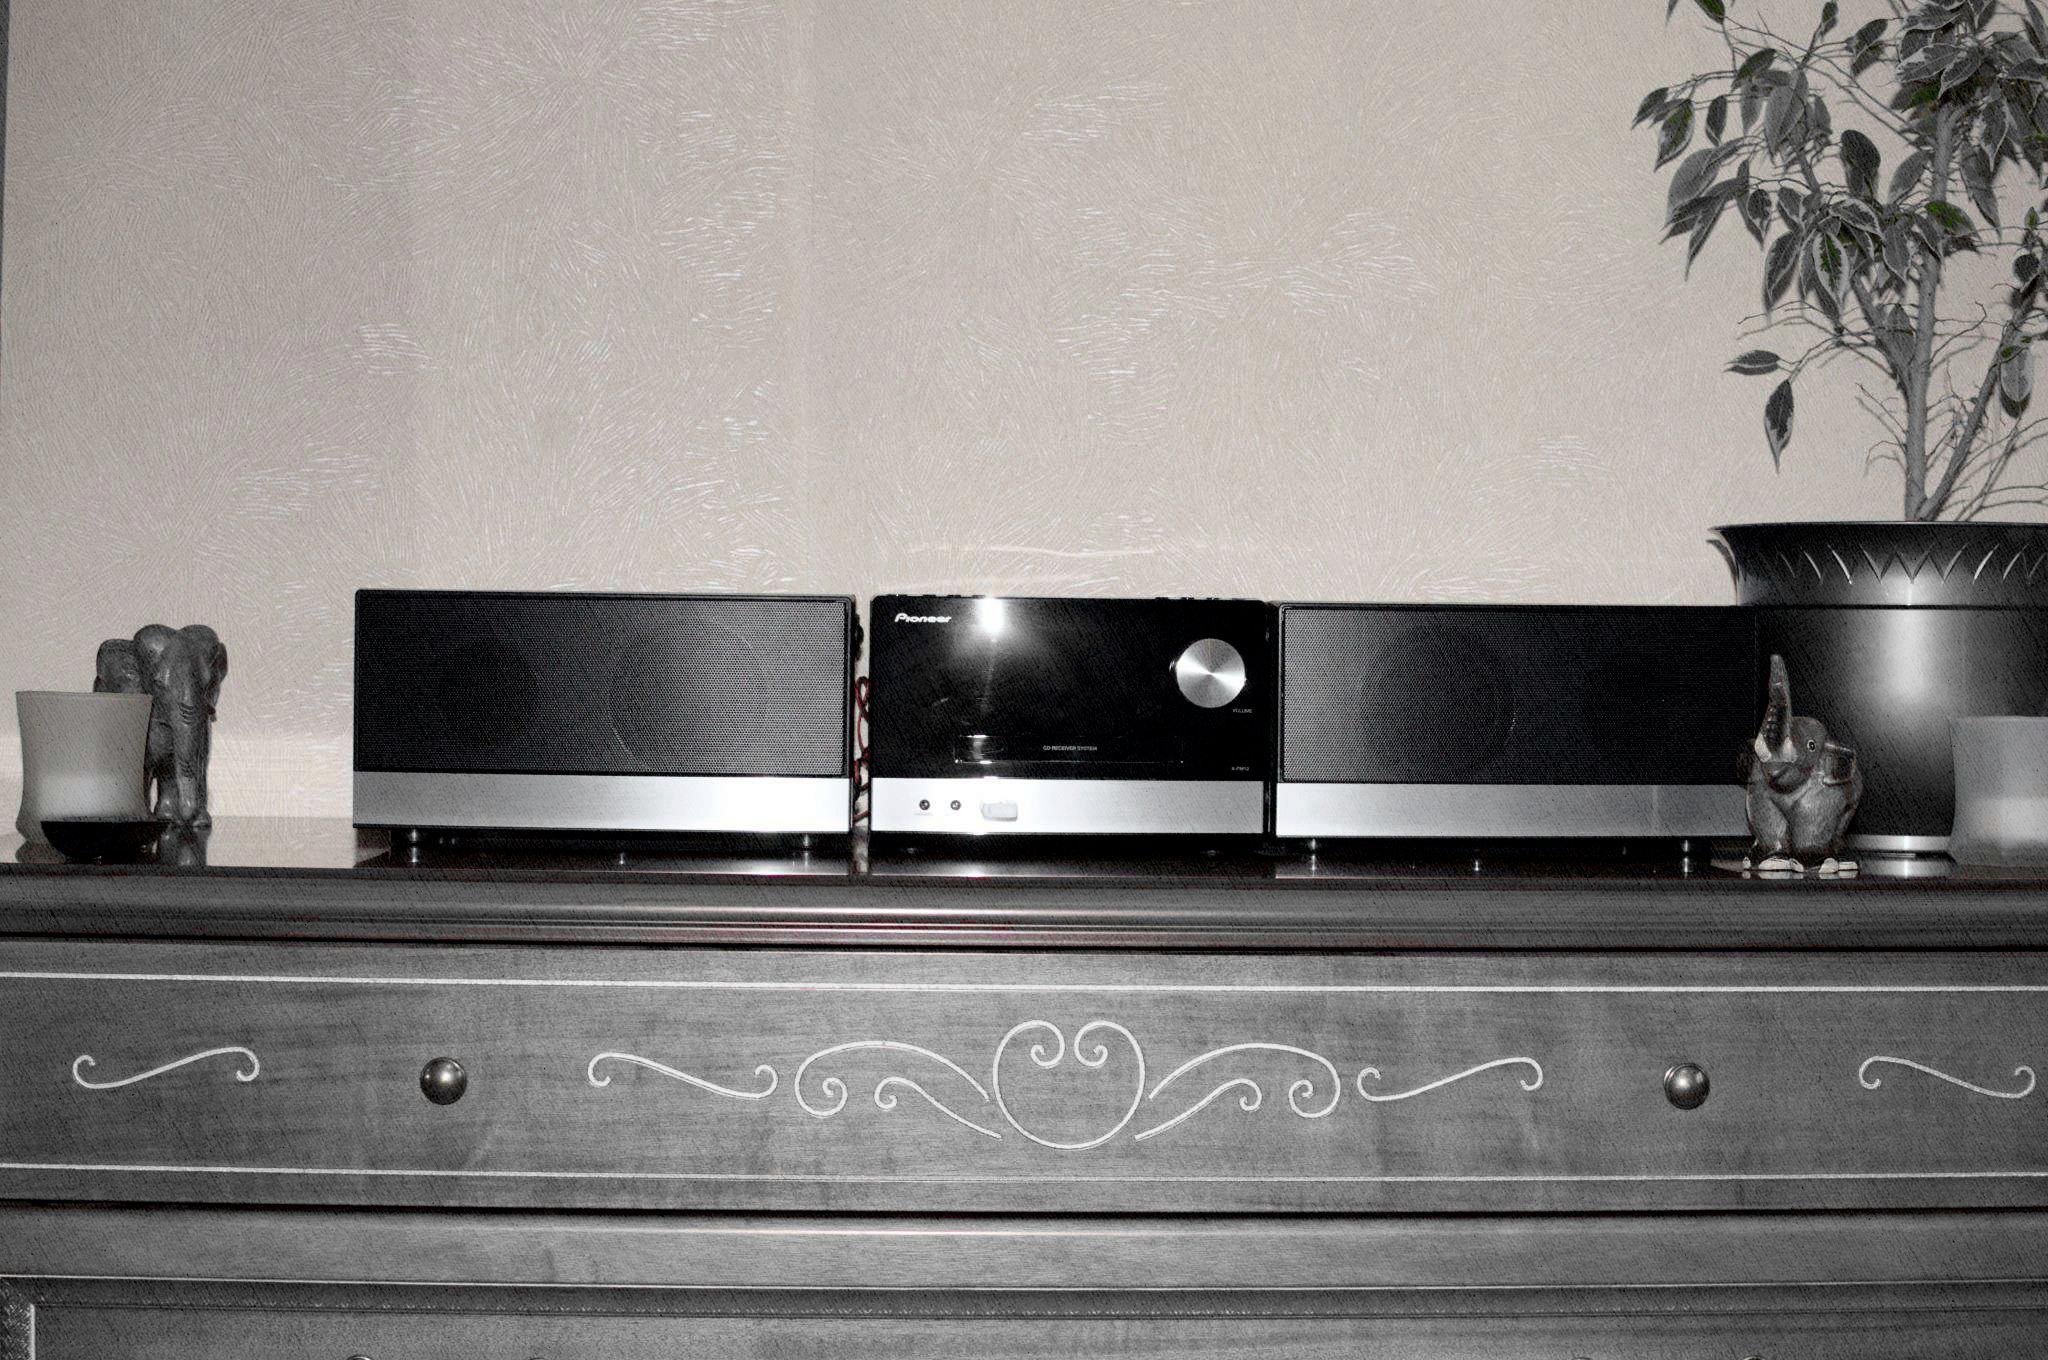 лучше выбрать для дома Pioneer X-PM12